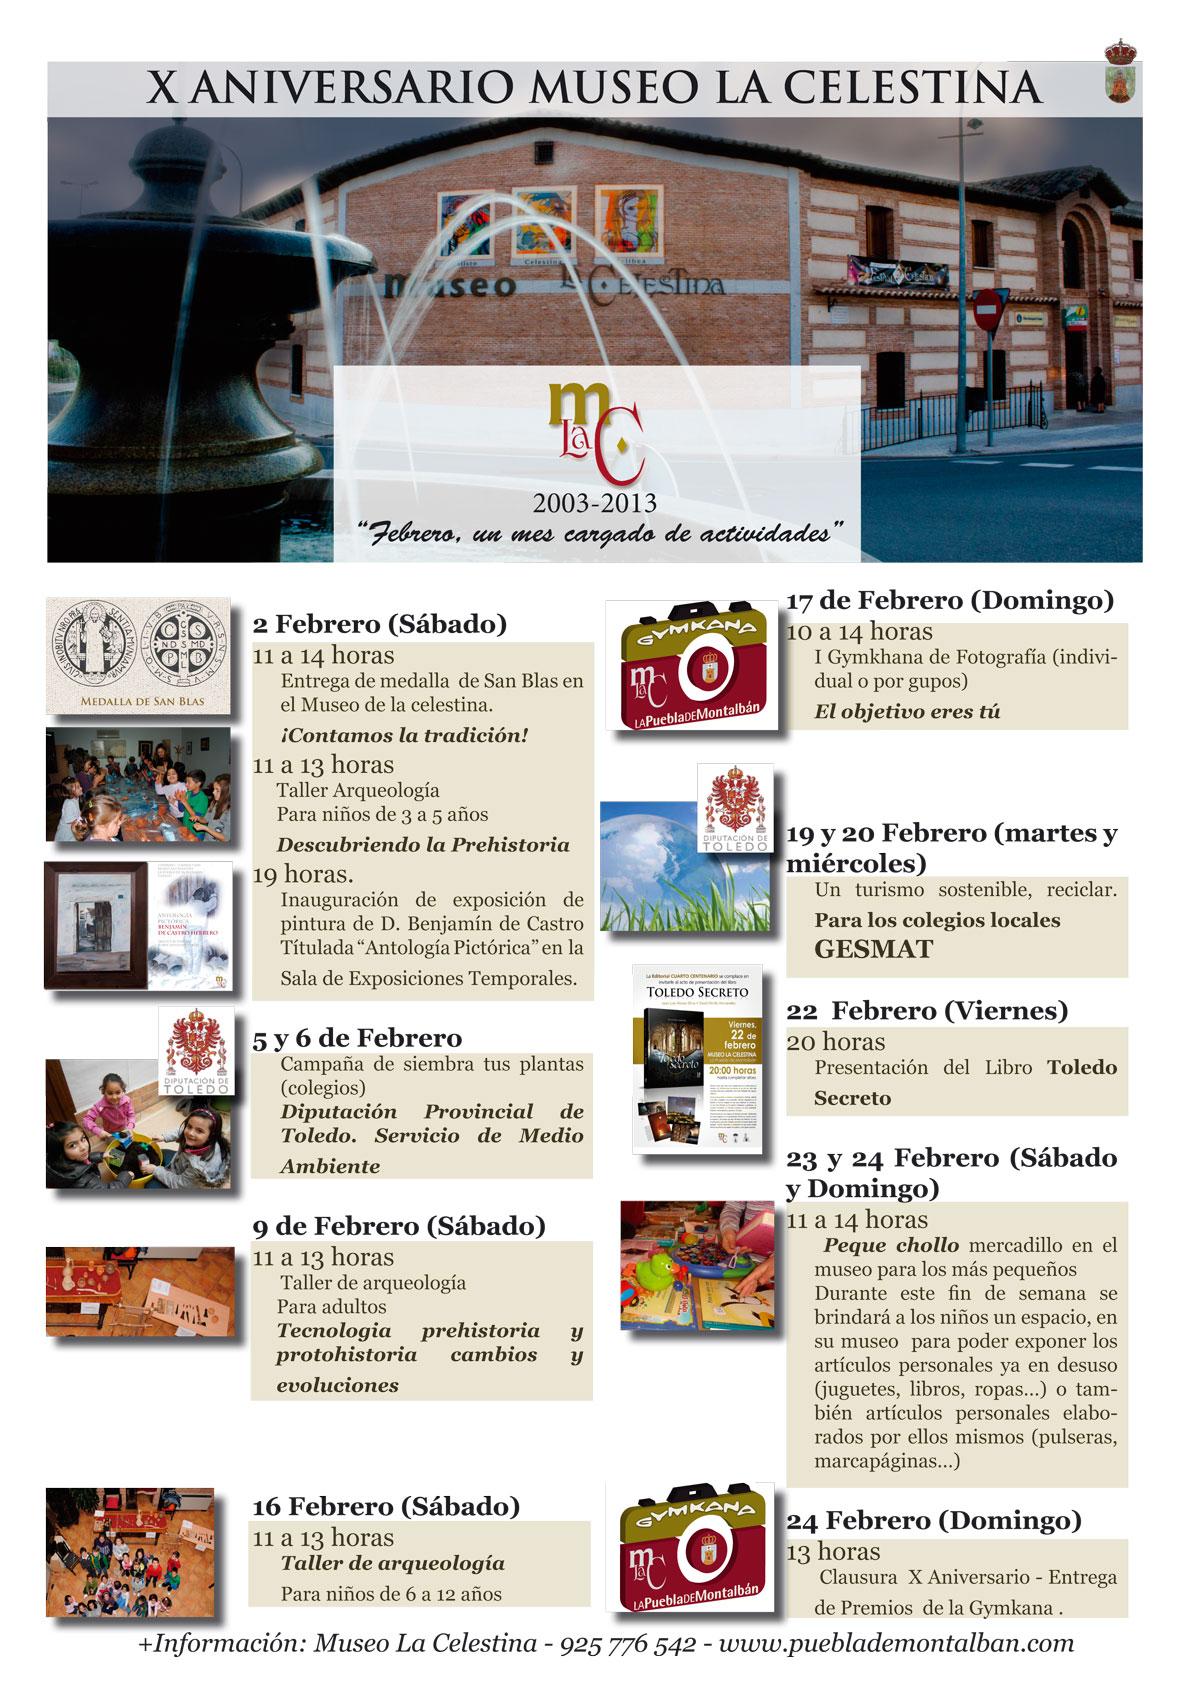 X-aniversario-museoweb